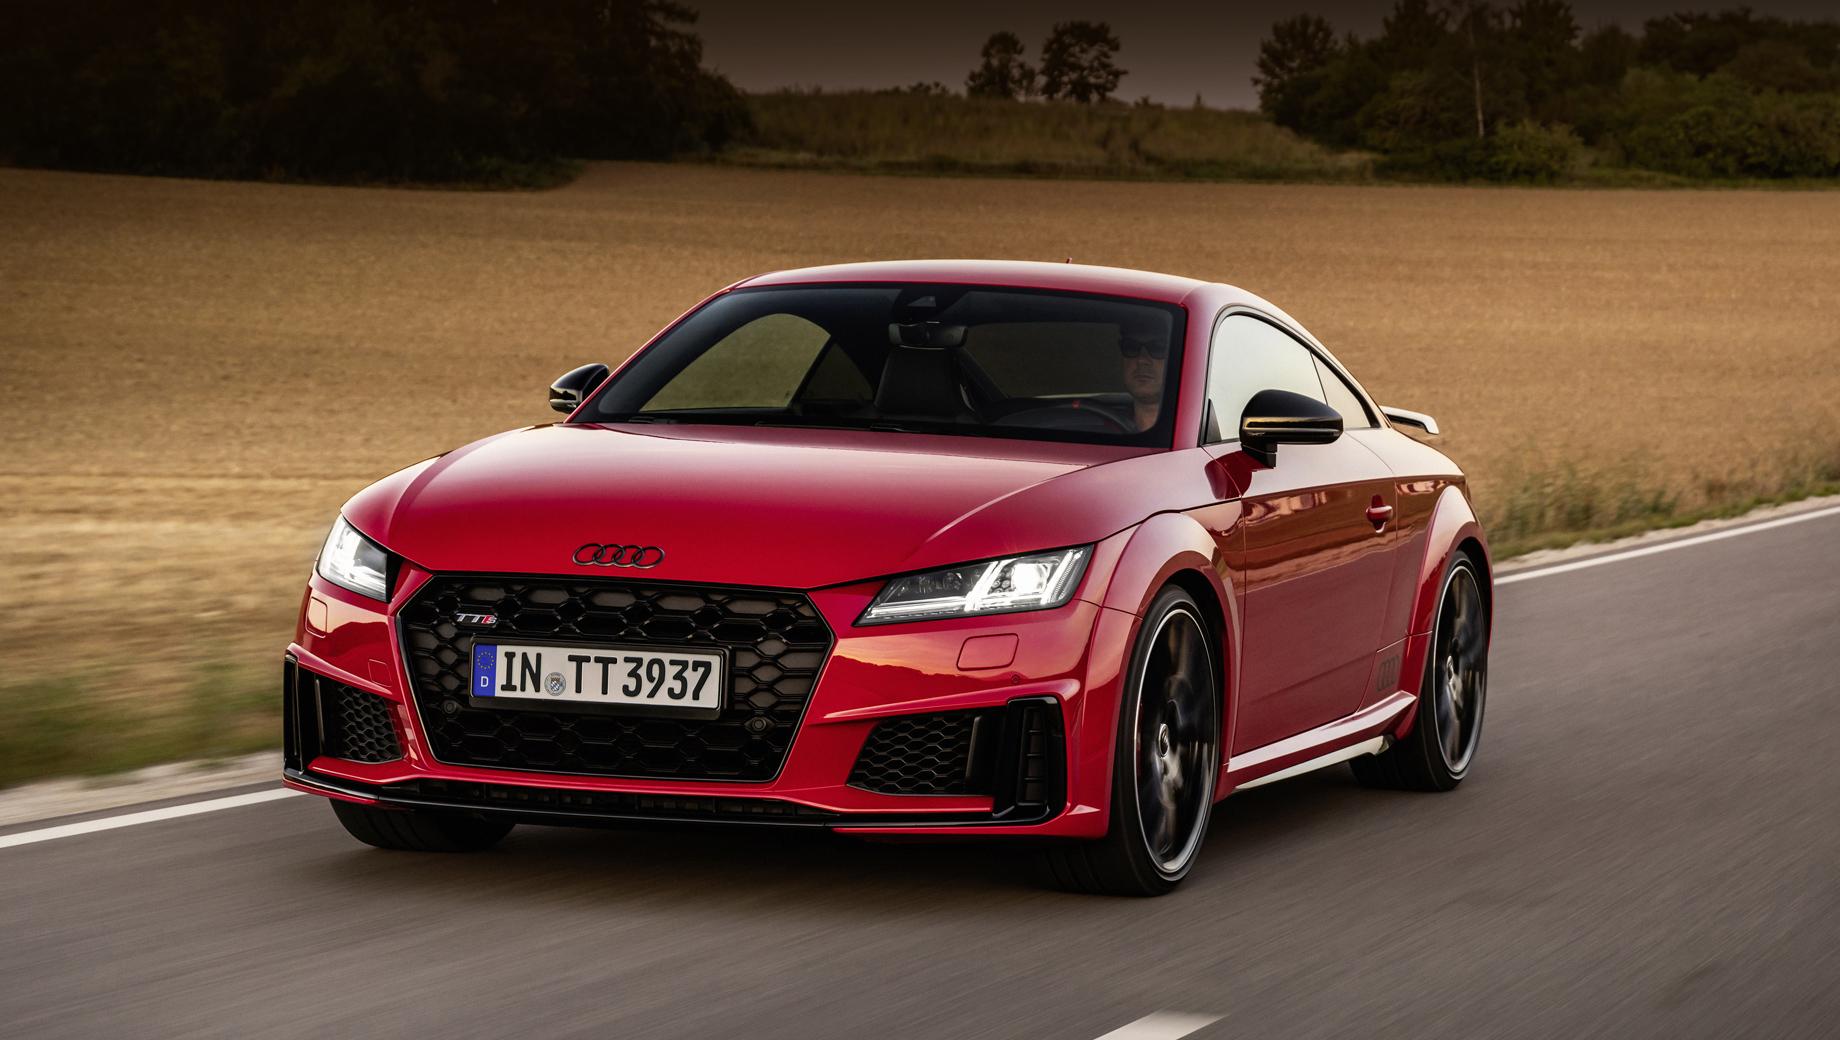 Пара Audi TTS competition plus порадовала отдачей мотора